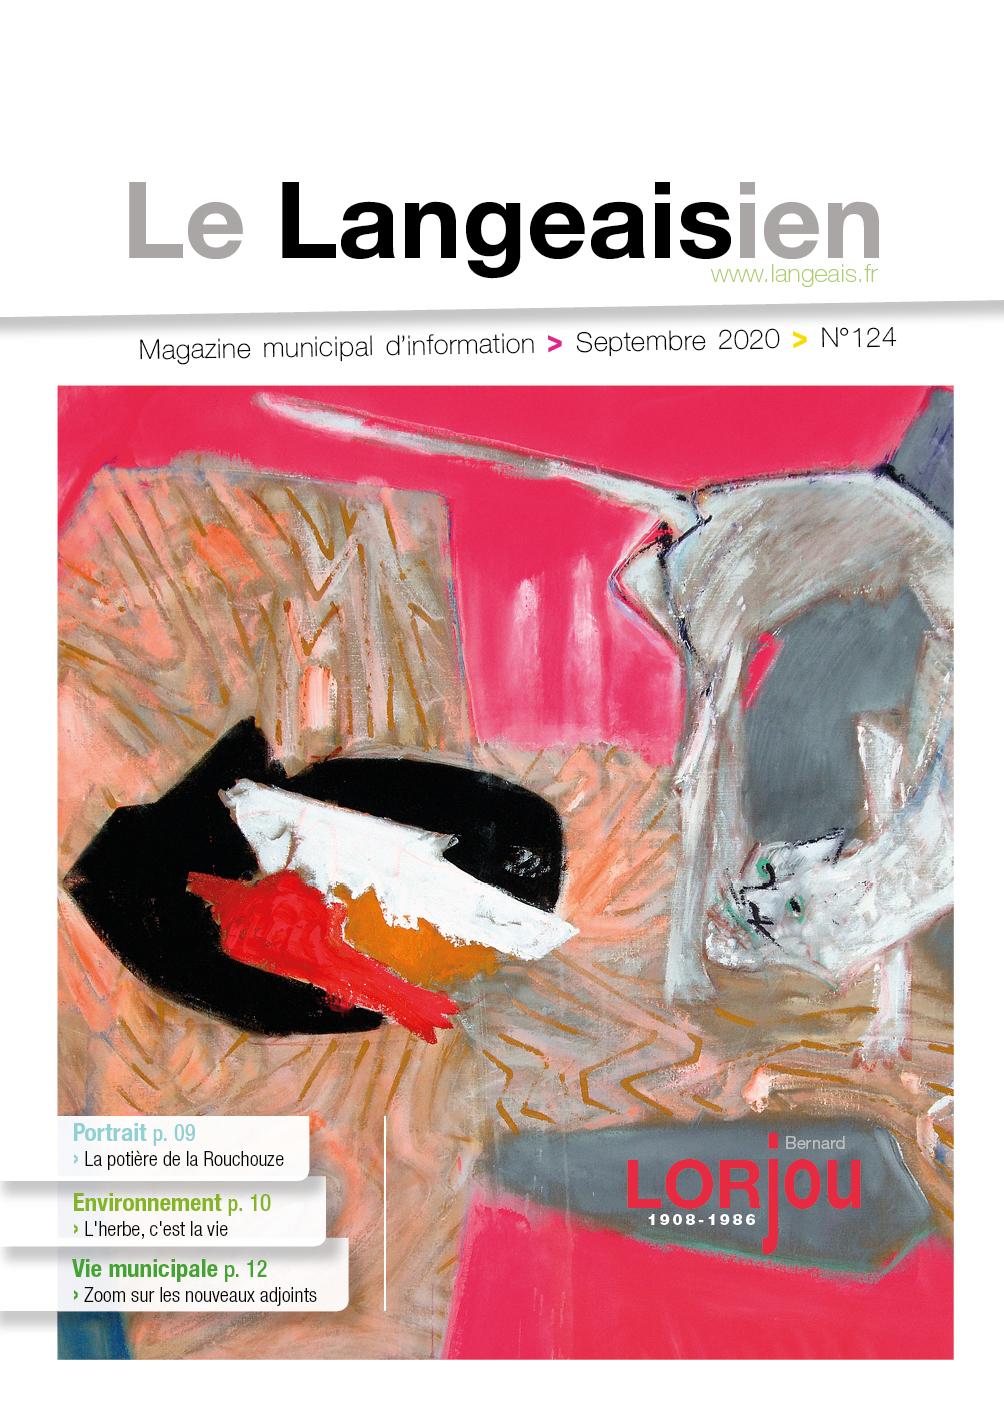 Langeaisien N°124 une.jpg